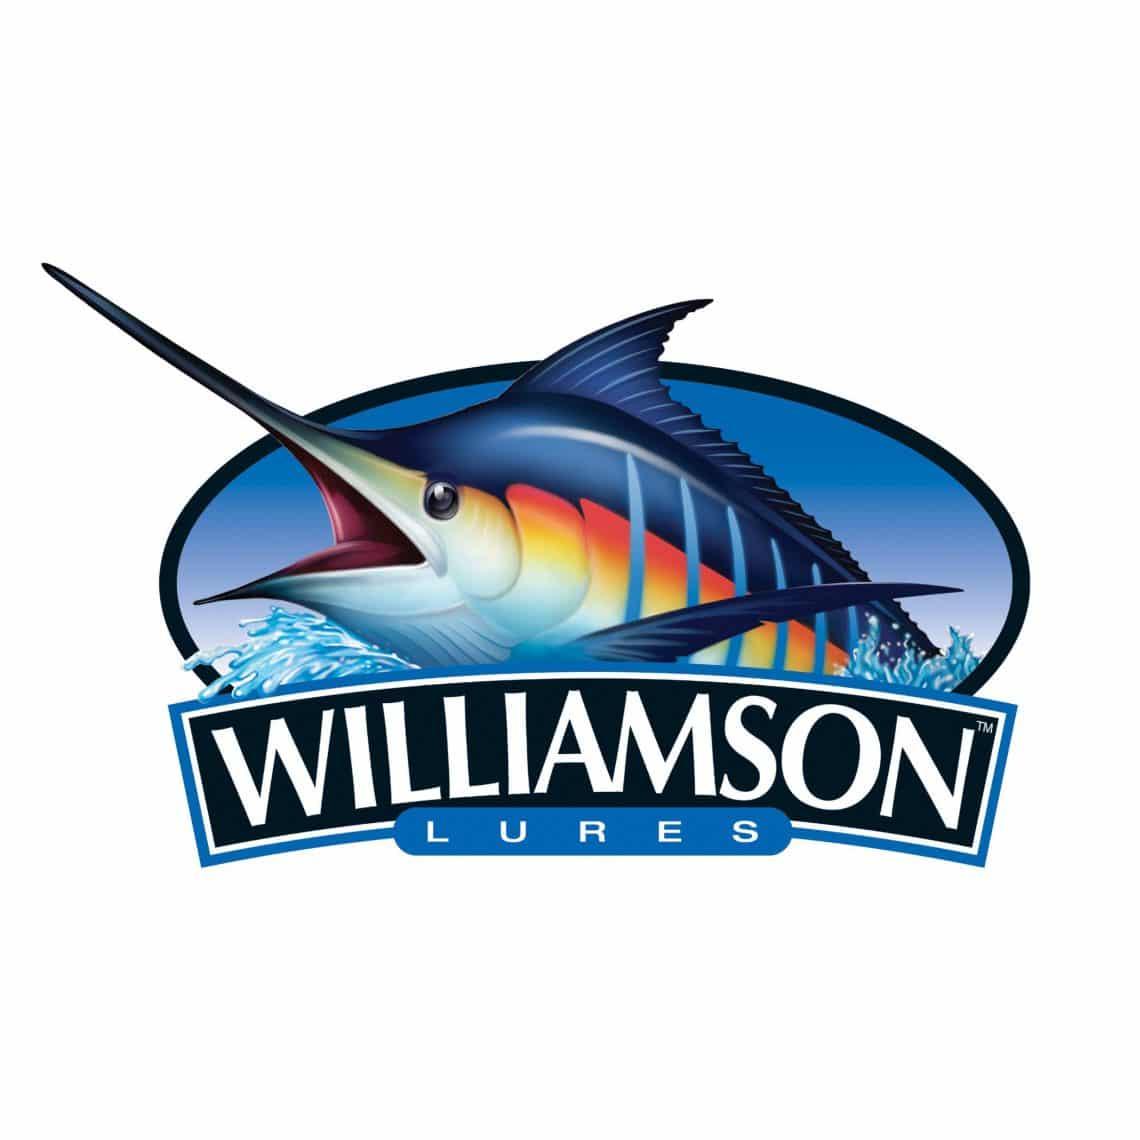 Williamson Lures